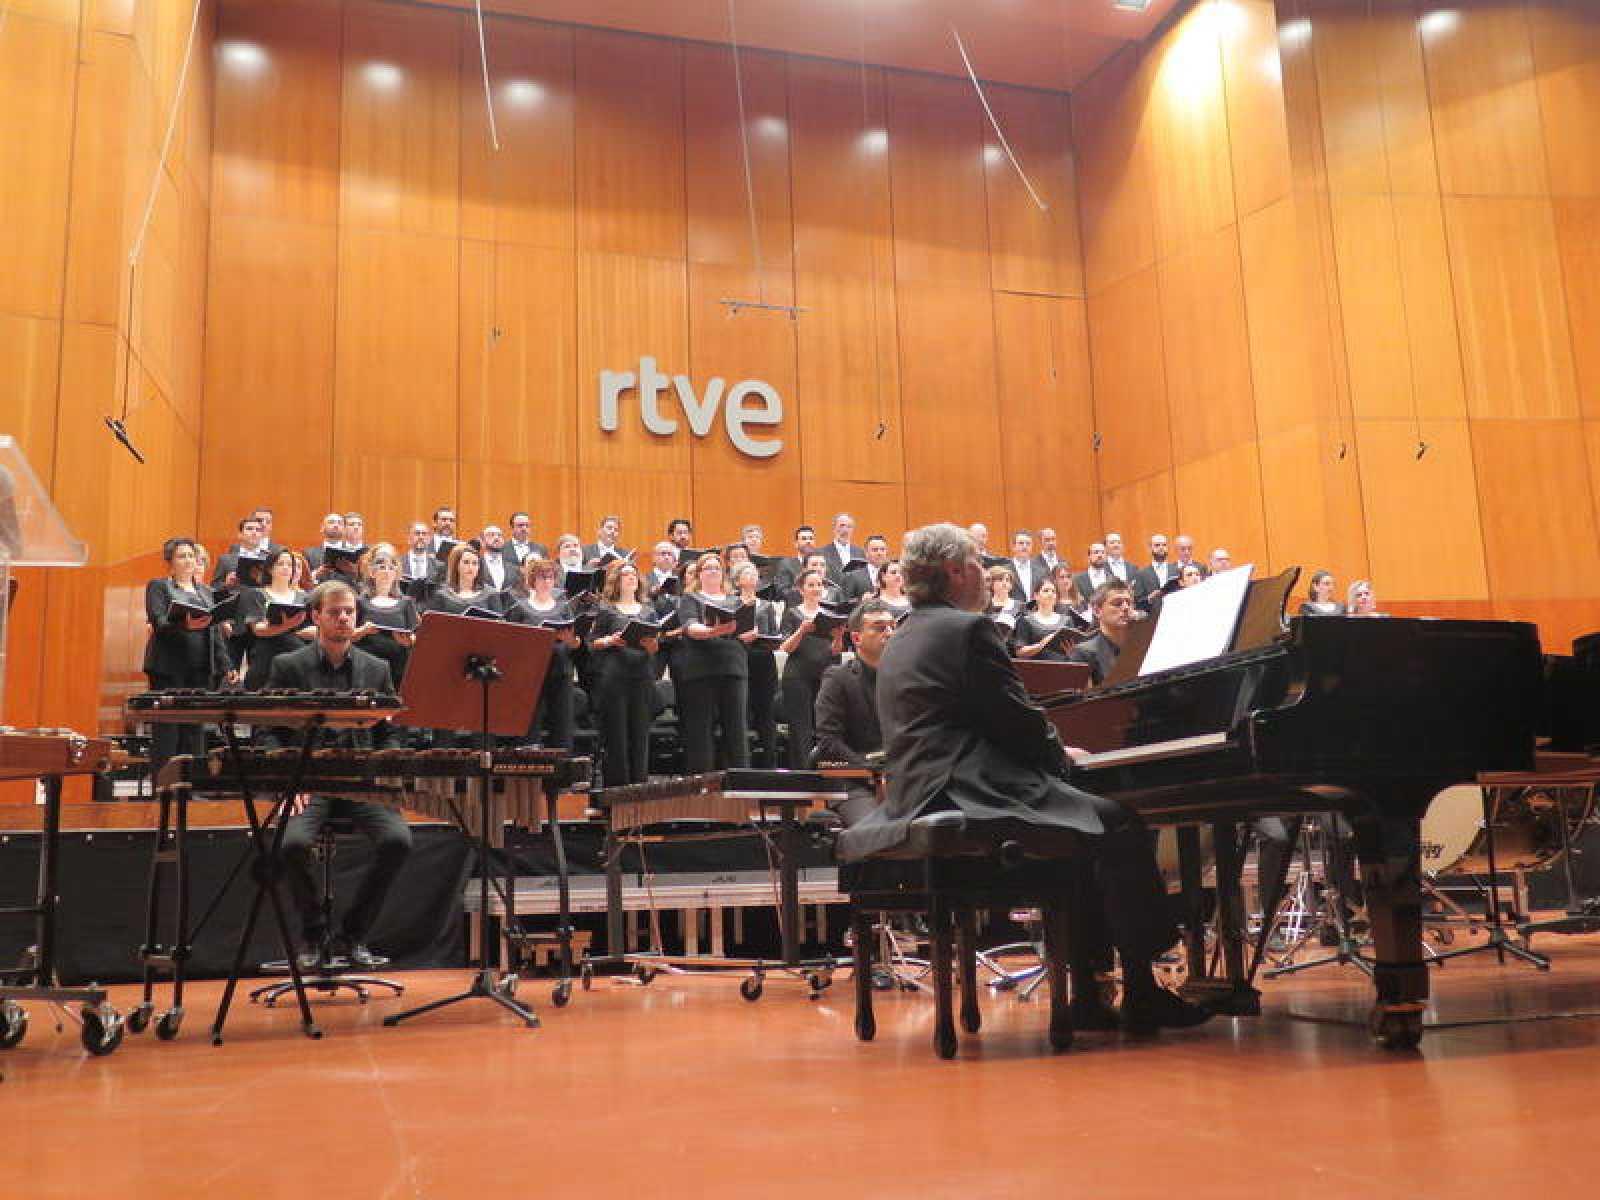 La Orquesta y Coro RTVE interpreta Carmina Burana